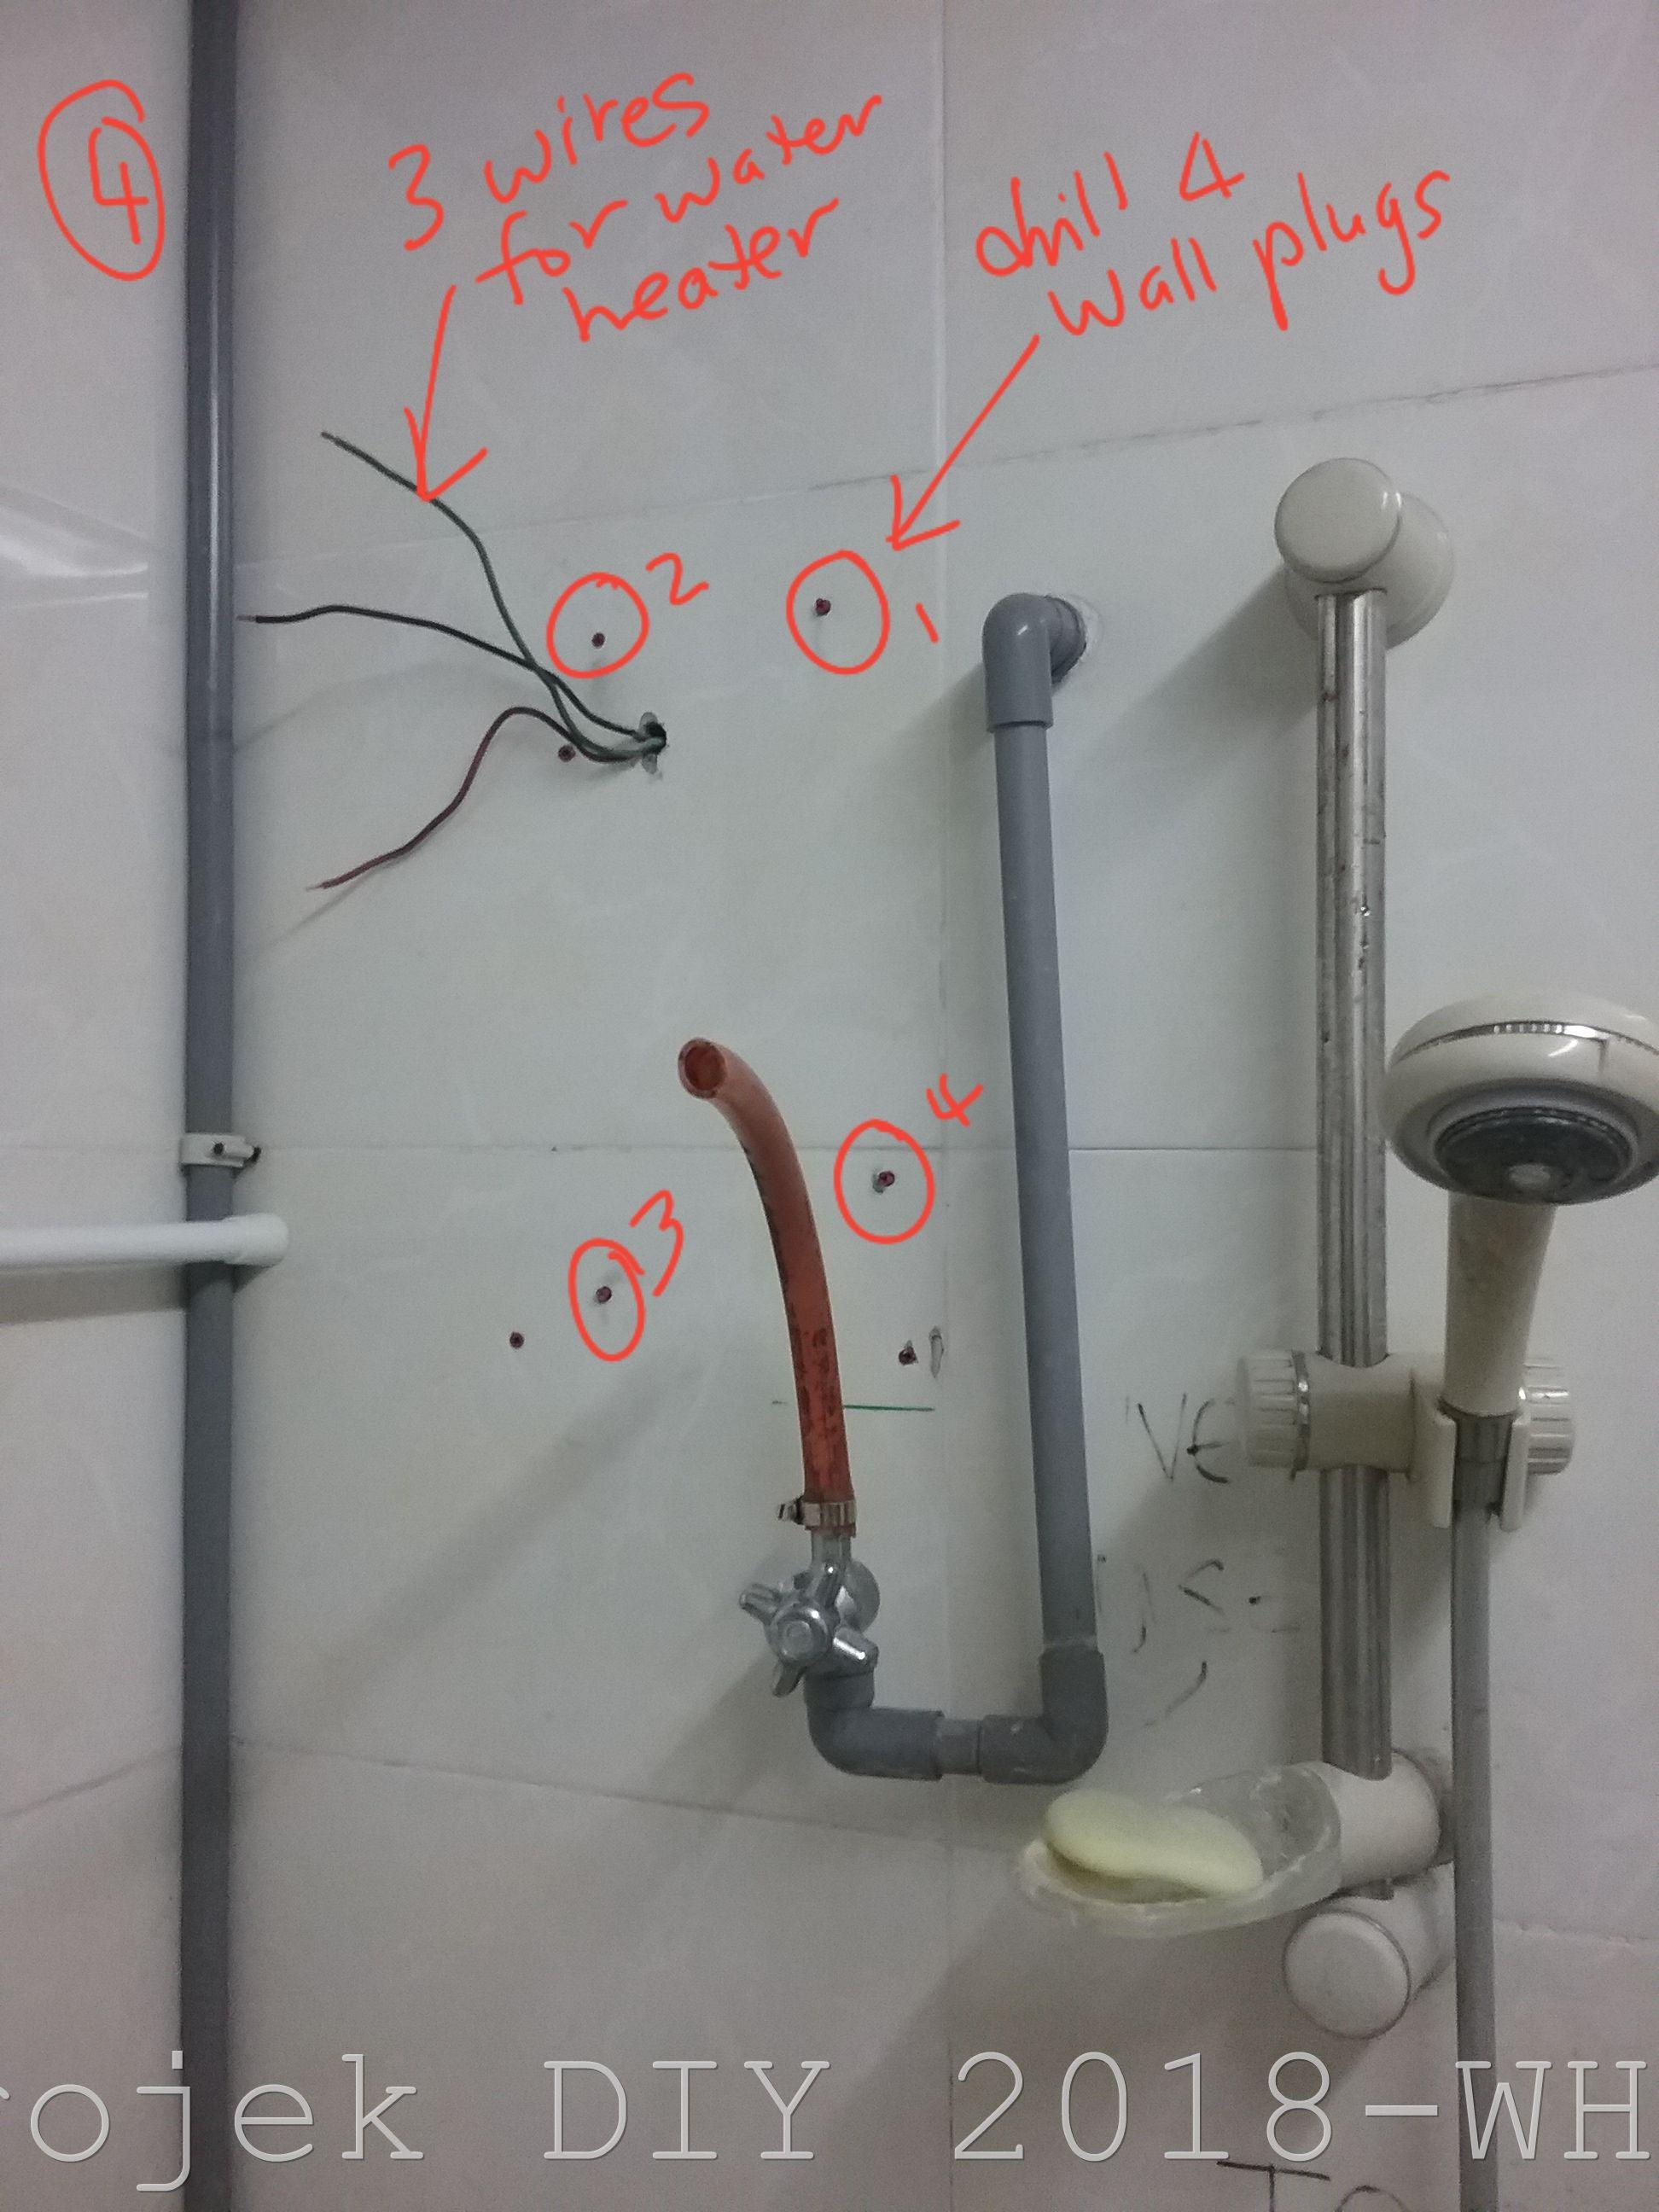 Awe Inspiring Cara Pasang Water Heater Sendiri Bumisepi Com Wiring Digital Resources Zidurslowmaporg